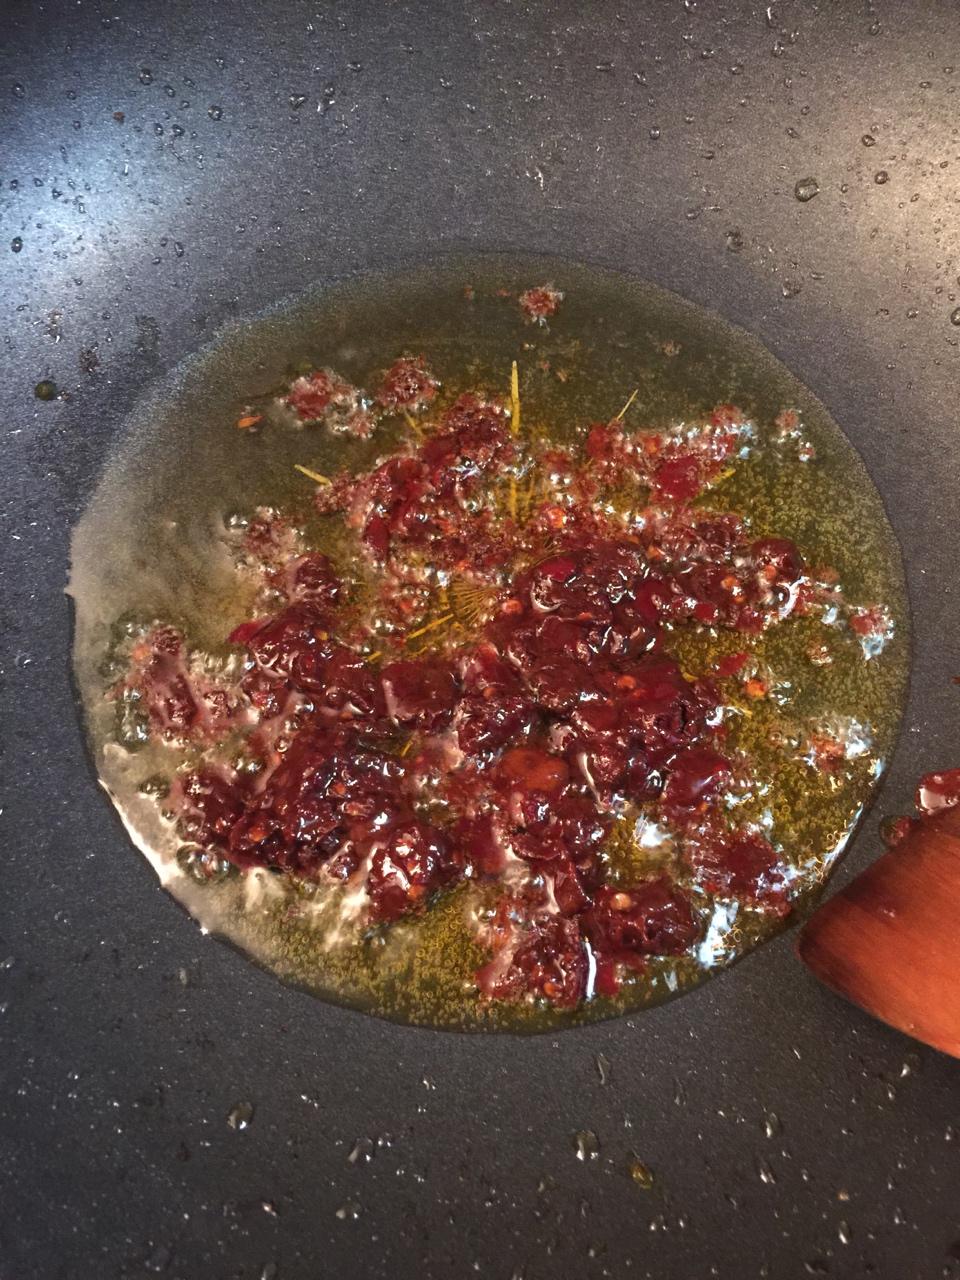 堂妈教你做红汤羊蝎子火锅的做法 步骤13